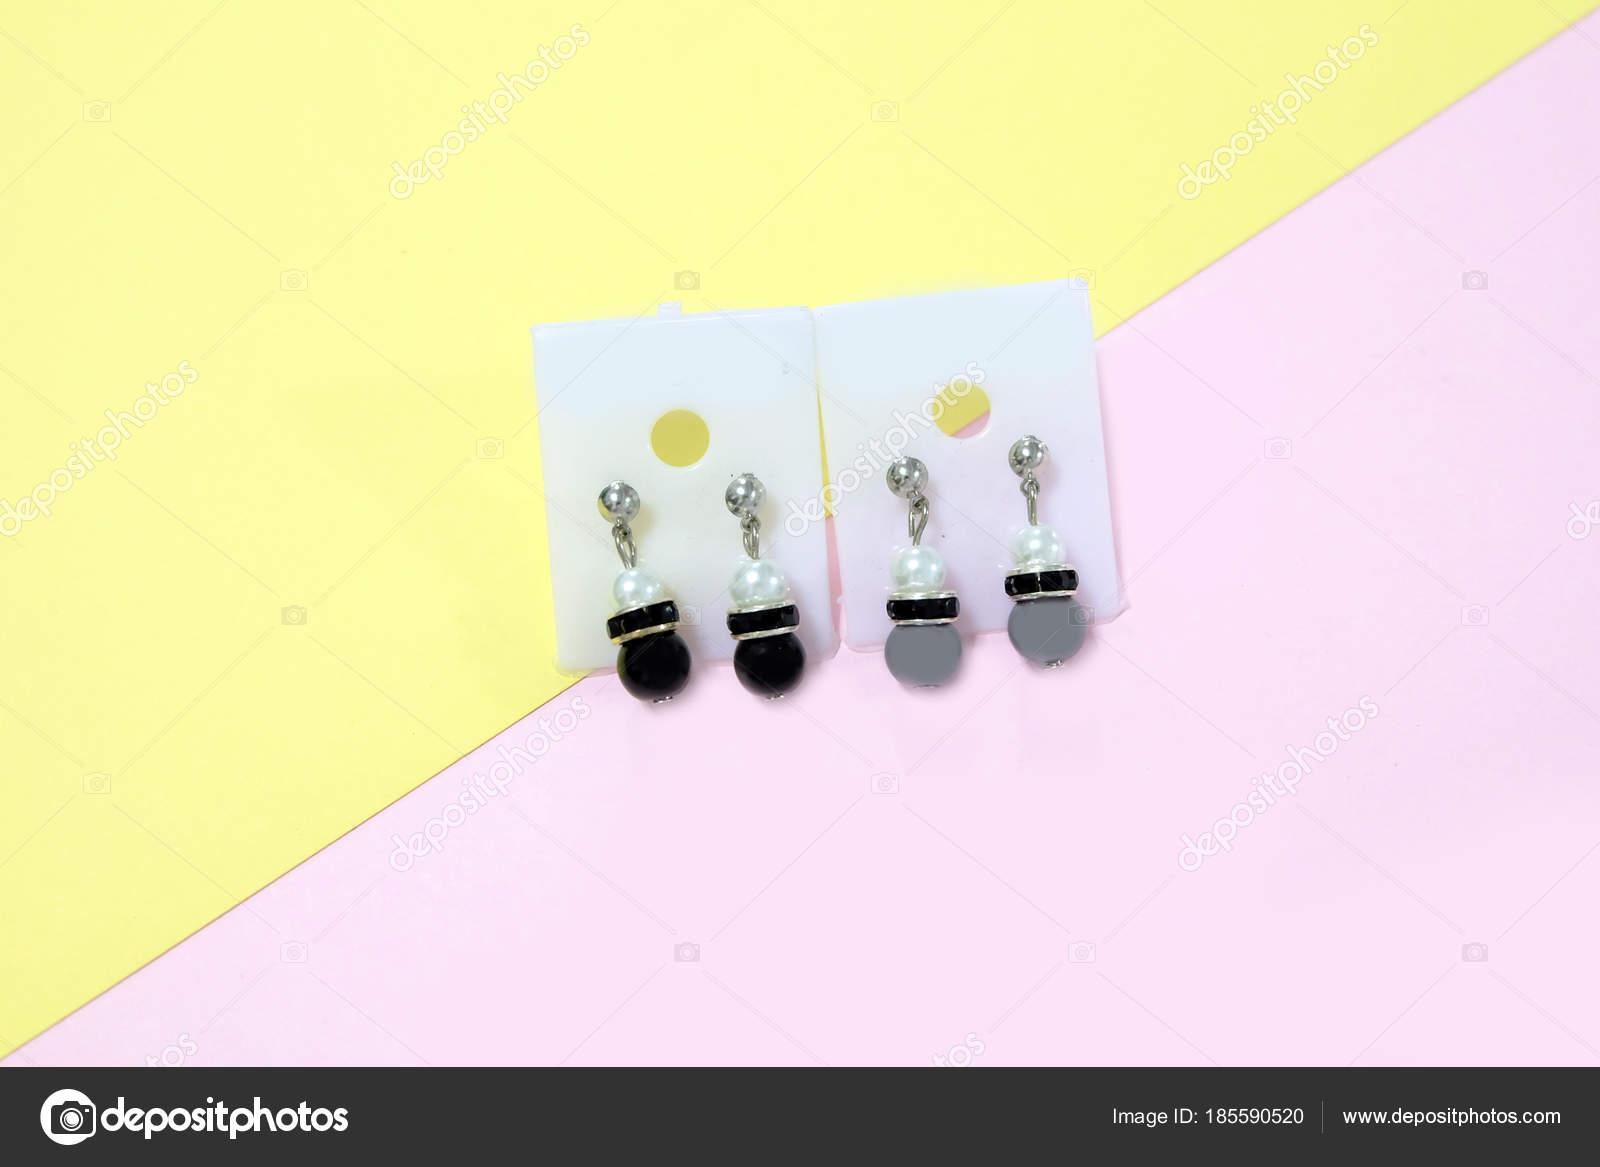 Lampadario Gocce Rosa : Anello dell orecchio del lampadario gli accessori moda paio